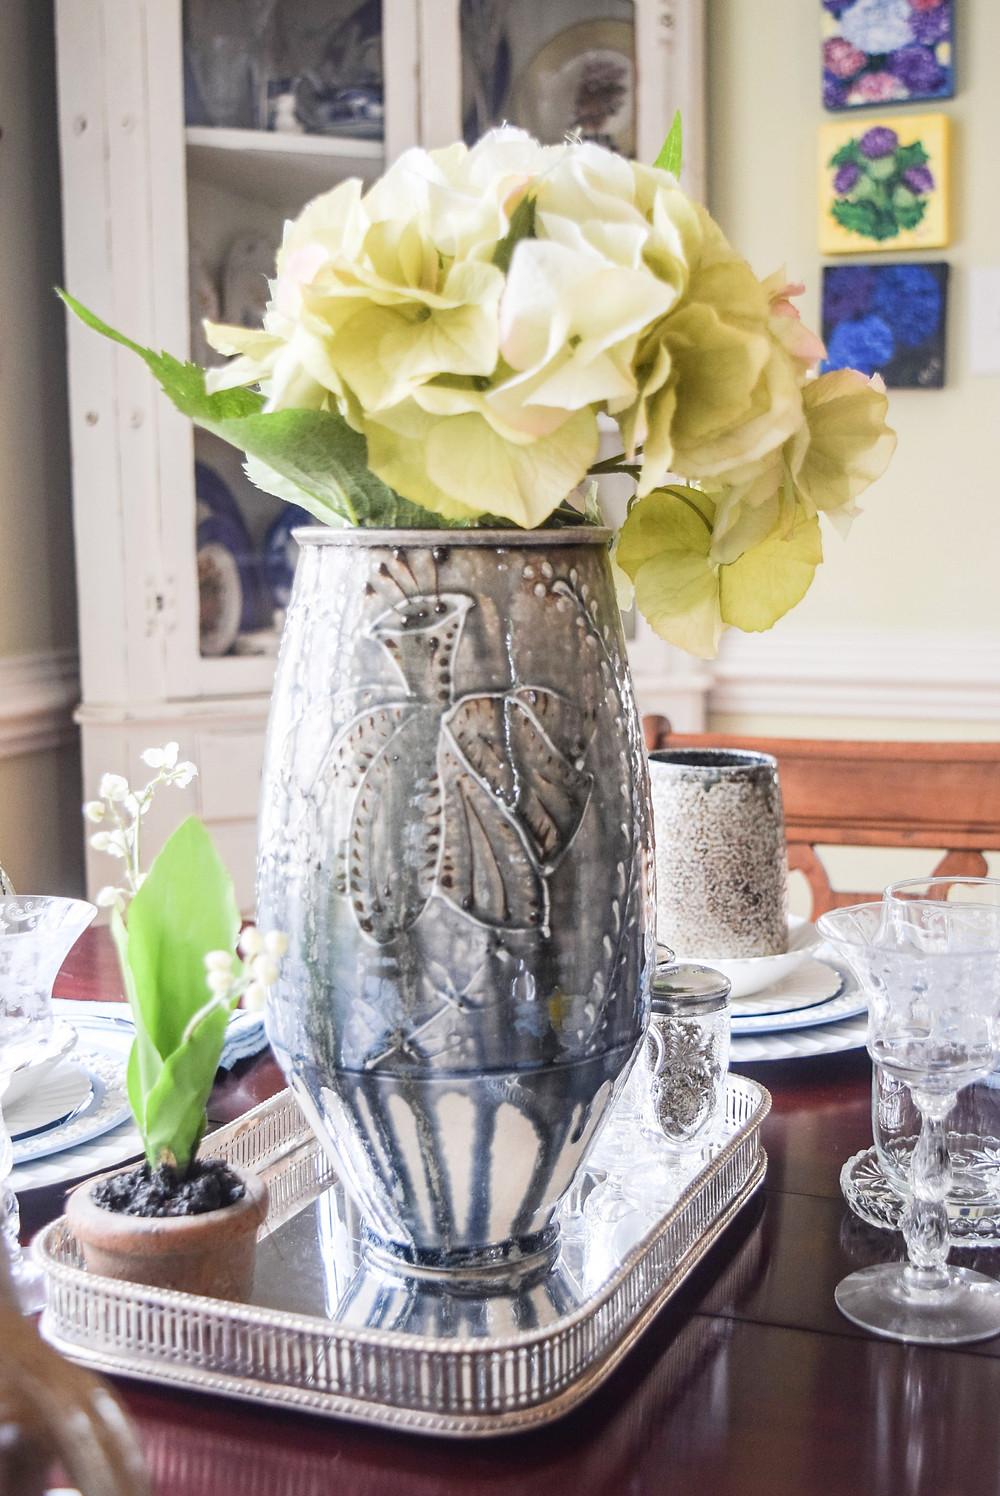 pottery-mug-ceramic-mug-floral-decorated-mug-stoneware-mug-wood-fired-pottery-mug-green-mug-north-carolina-pottery-pottery-vase-vase-with-flowers-ceramic-vase-stoneware-pitcher-vintage-china-wedgewood-china-blue-and-white-china-english-china.jpg